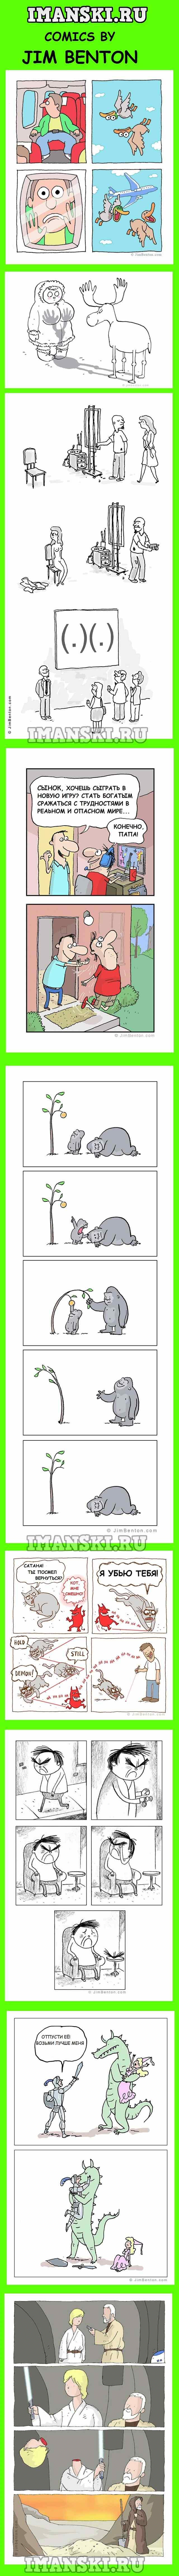 смешные комиксы от Джима Бентона